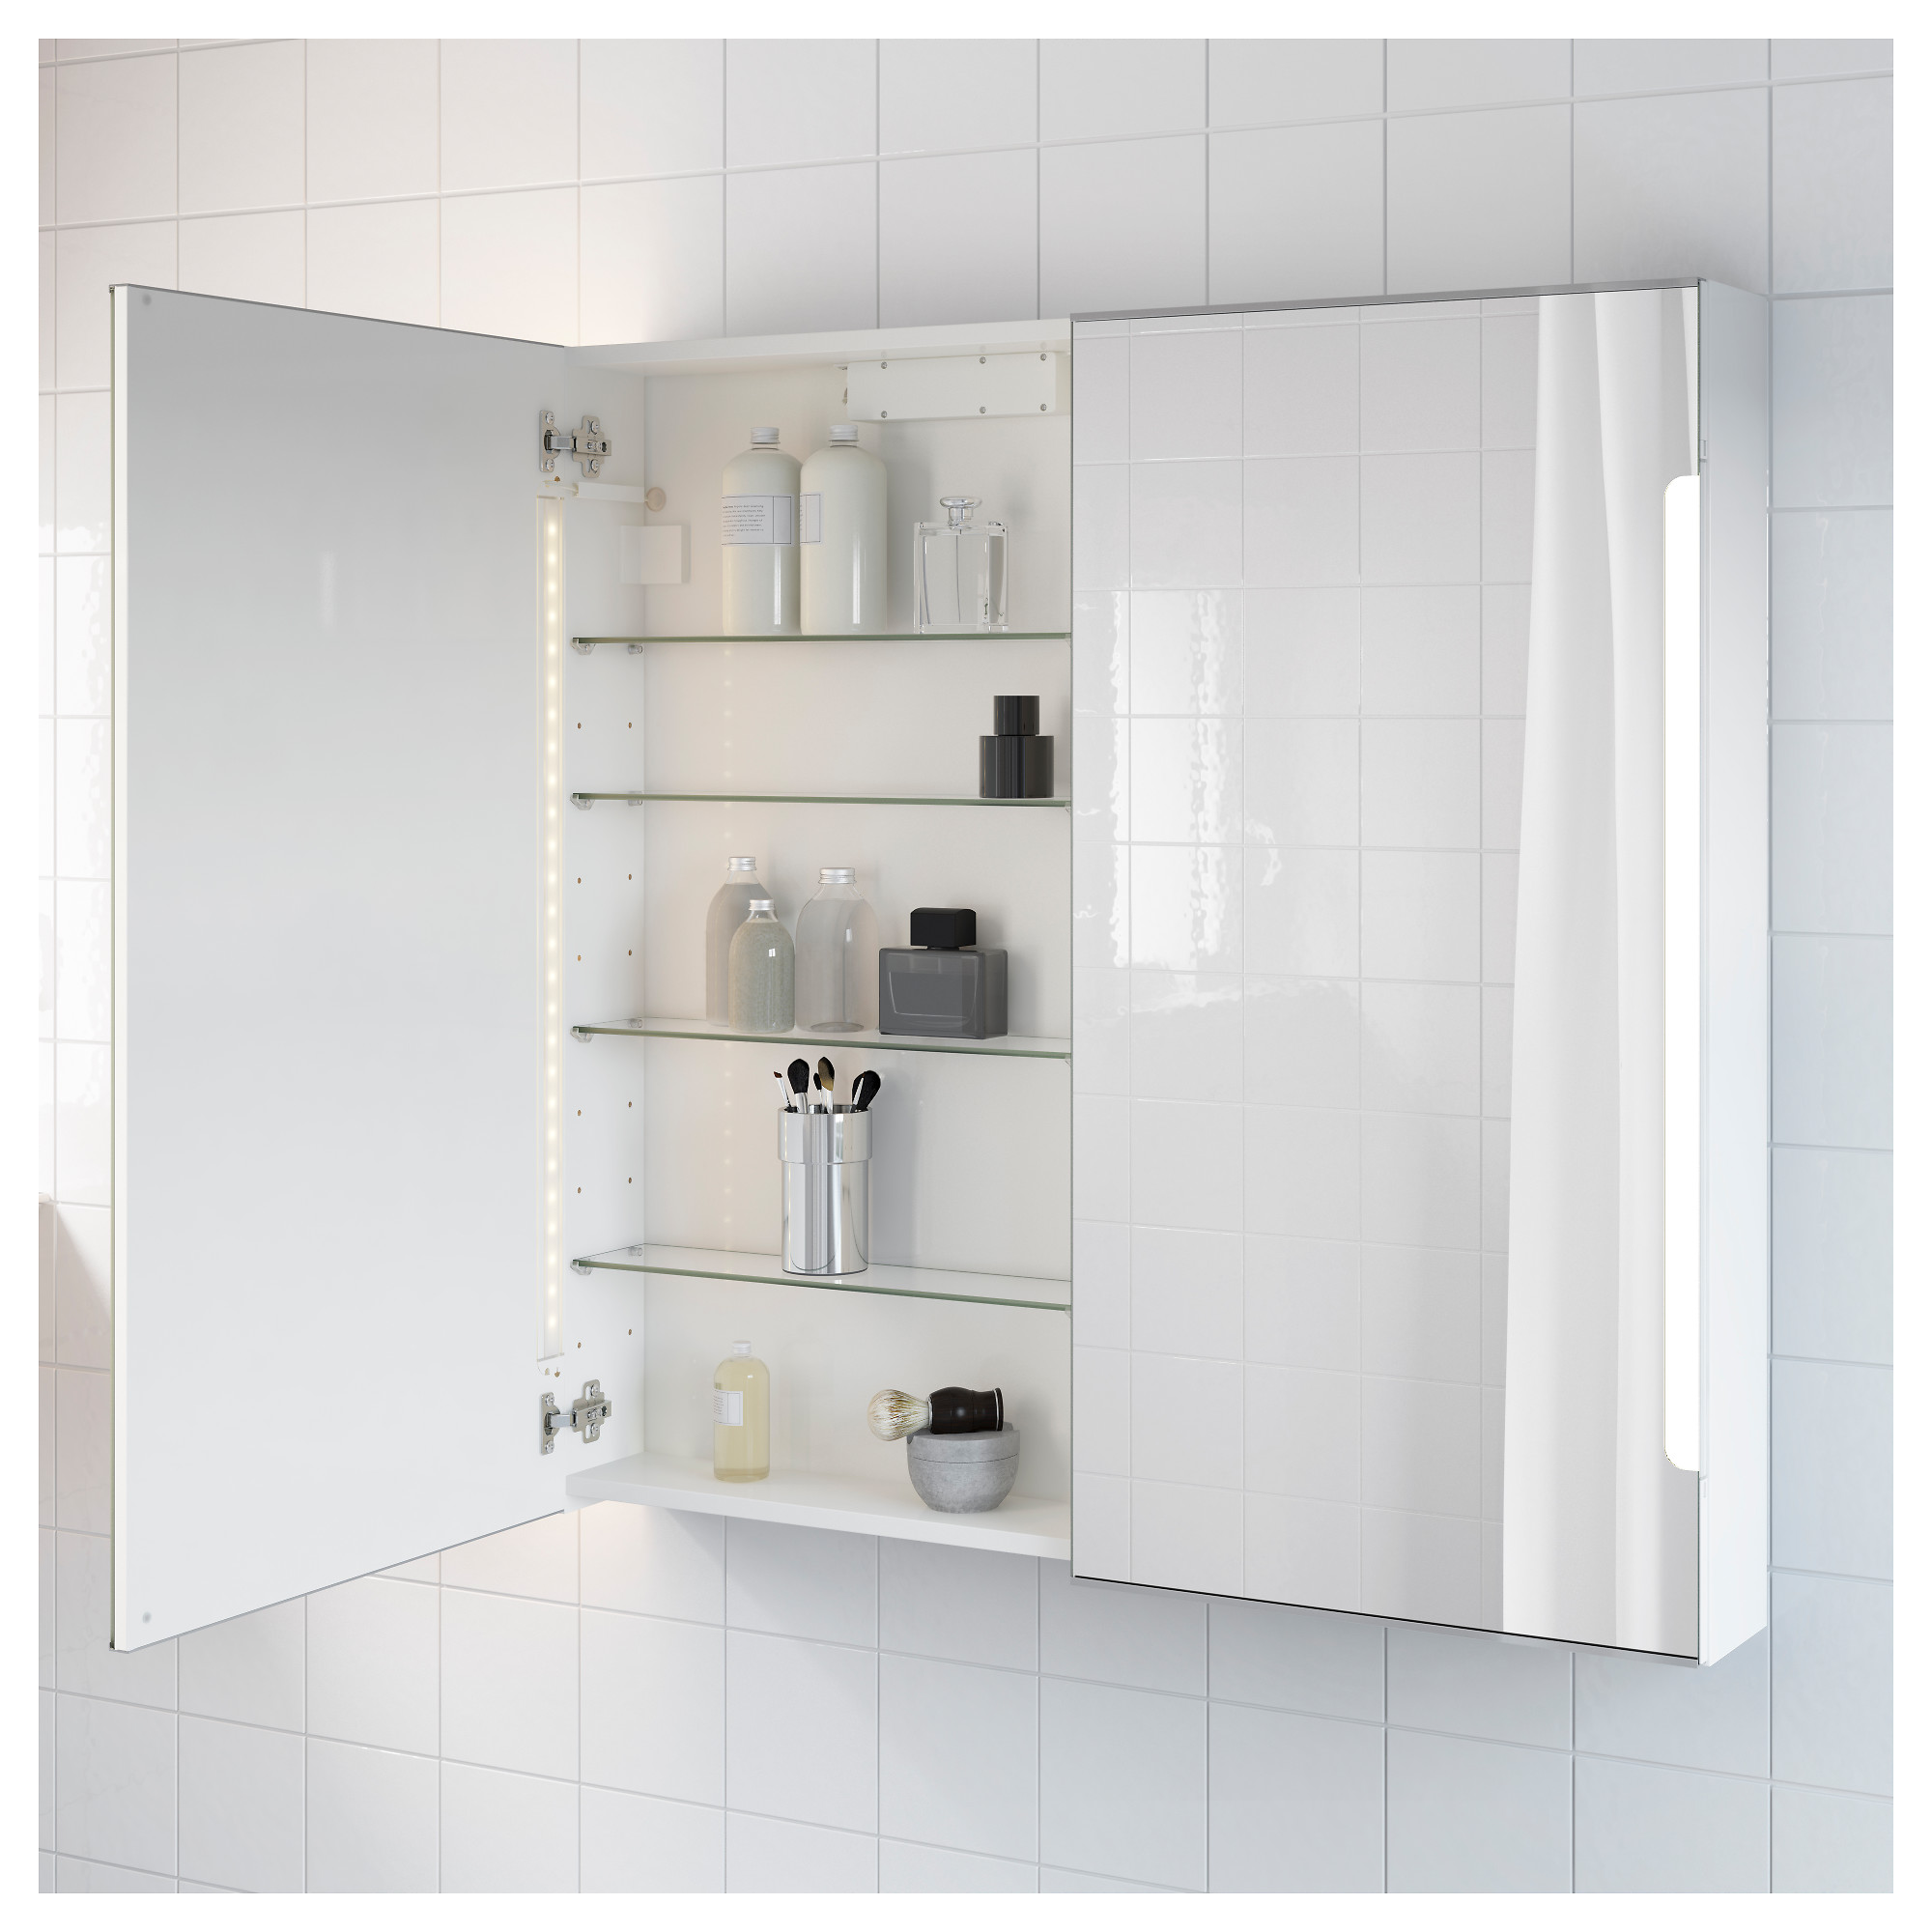 Storjorm Mirror Cab 2 Doorbuilt In Lighting White 100 X 14 X 96 Cm